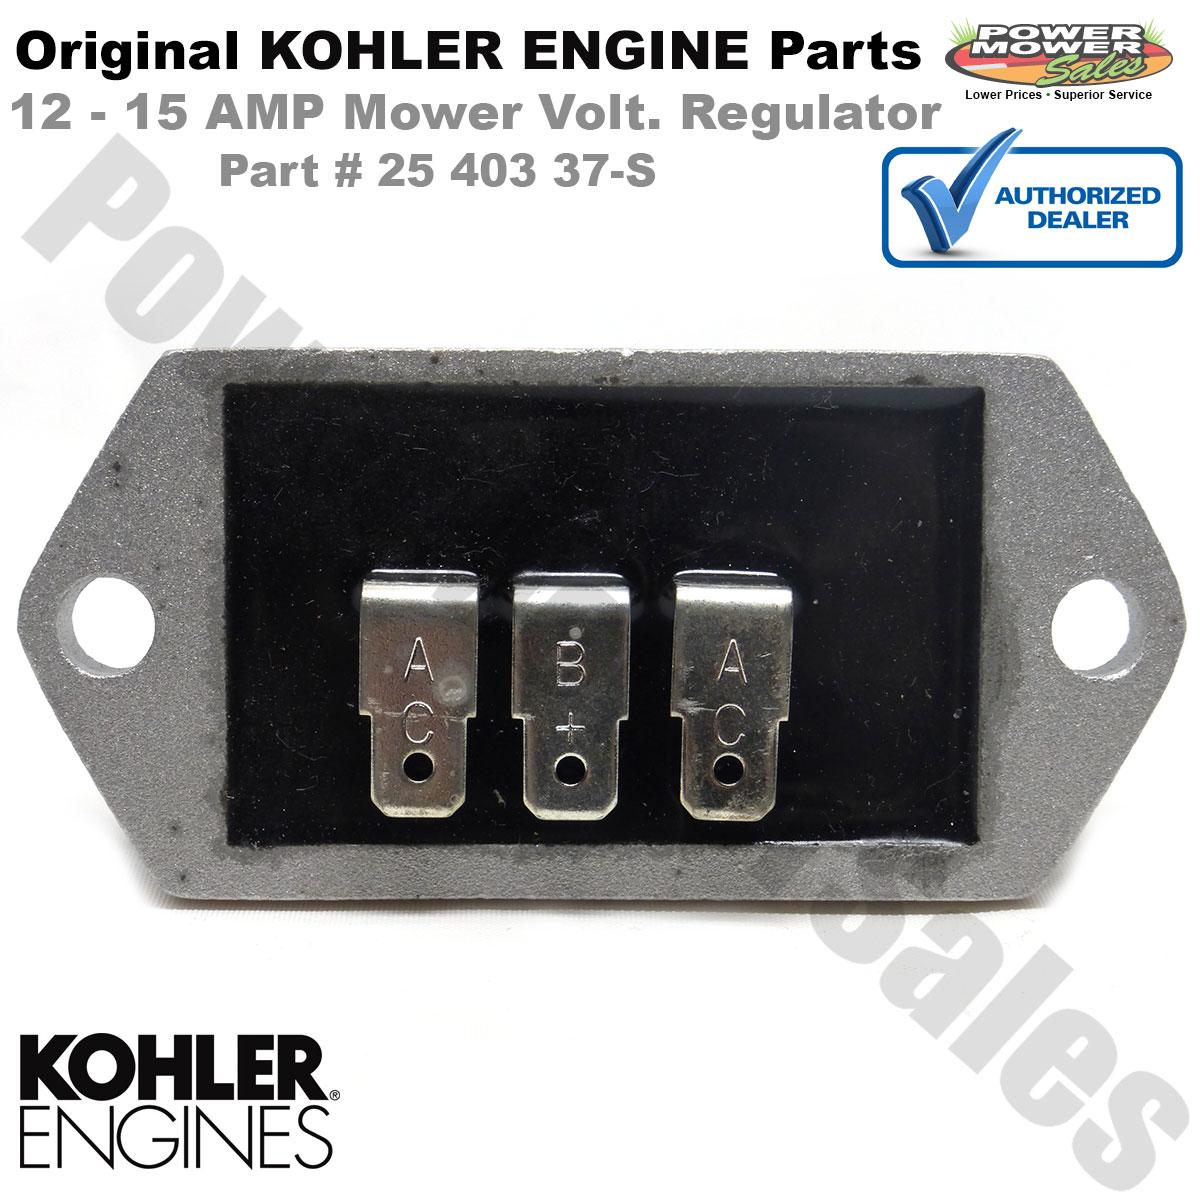 New Regulator Rectifier Assembly For John Deere Kohler Commercial Walk Behind Mowers M131287 1240301 12-403-01